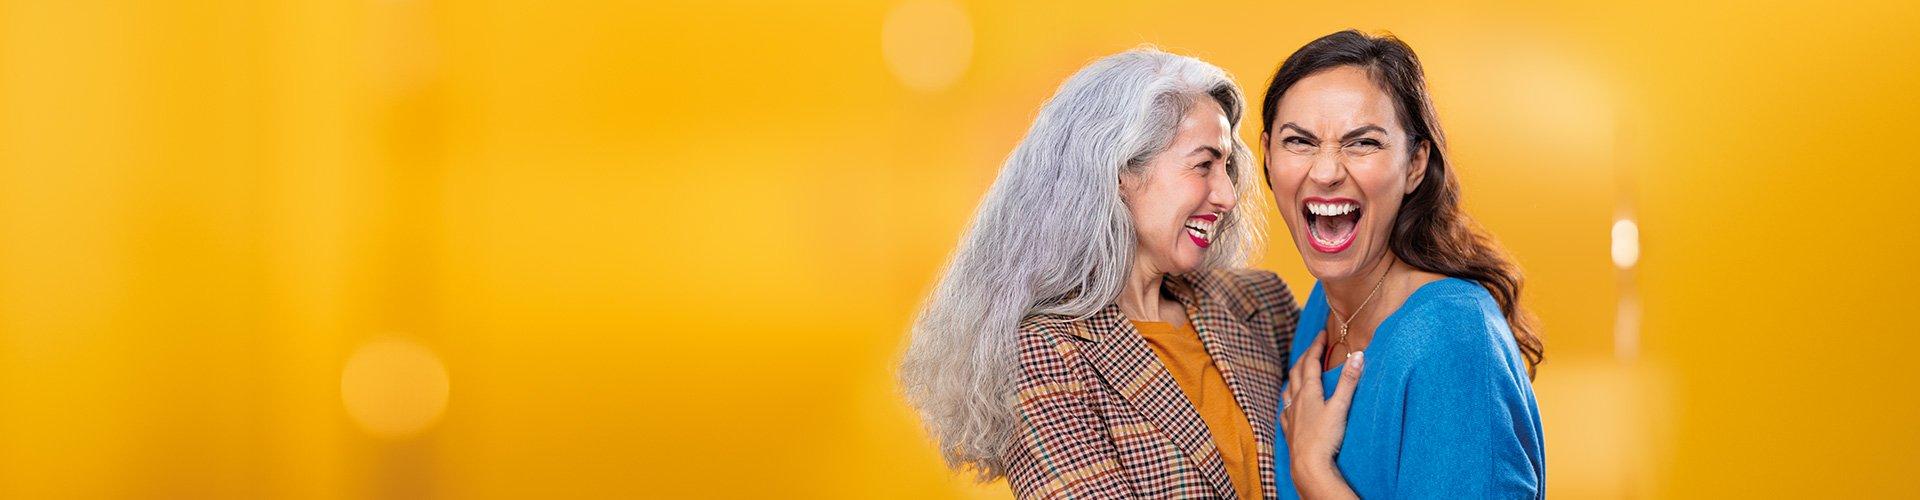 İki orta yaşlı kadın birbirlerine sarılma. Bunlardan biri Philips HearLink kulak içi işitme cihazları takıyor.